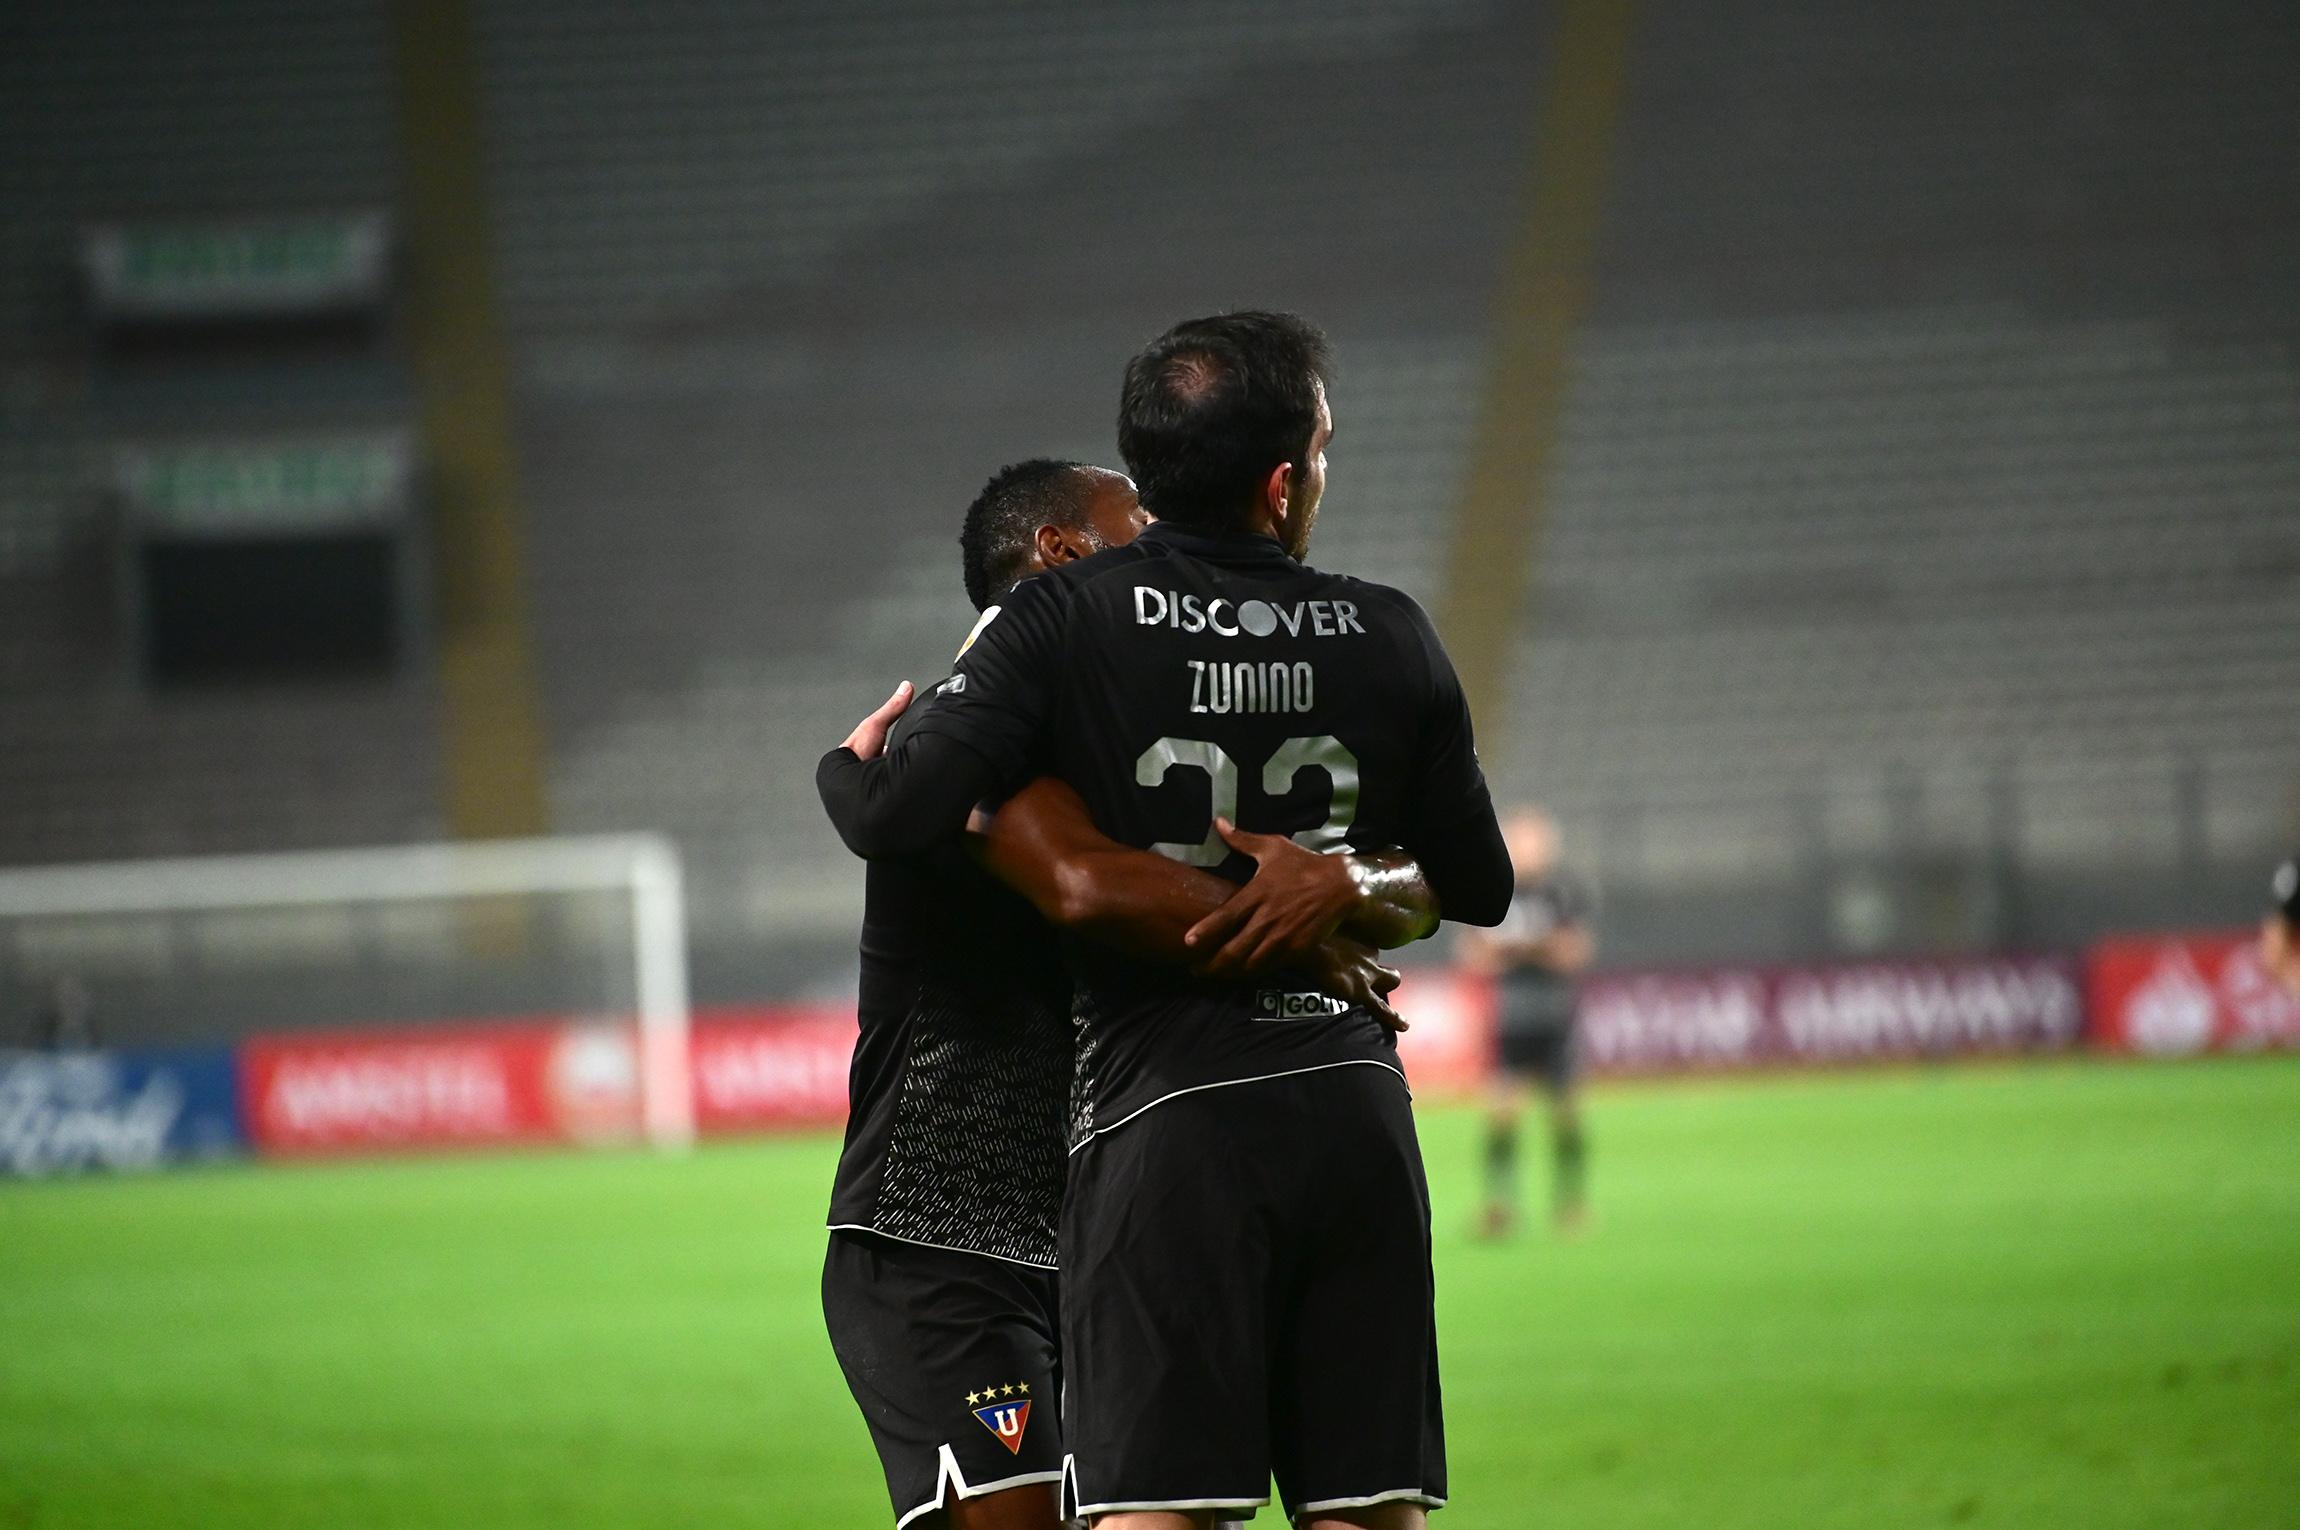 El uruguayo anotó el gol del triunfo, en el regreso universitario a la Copa Libertadores